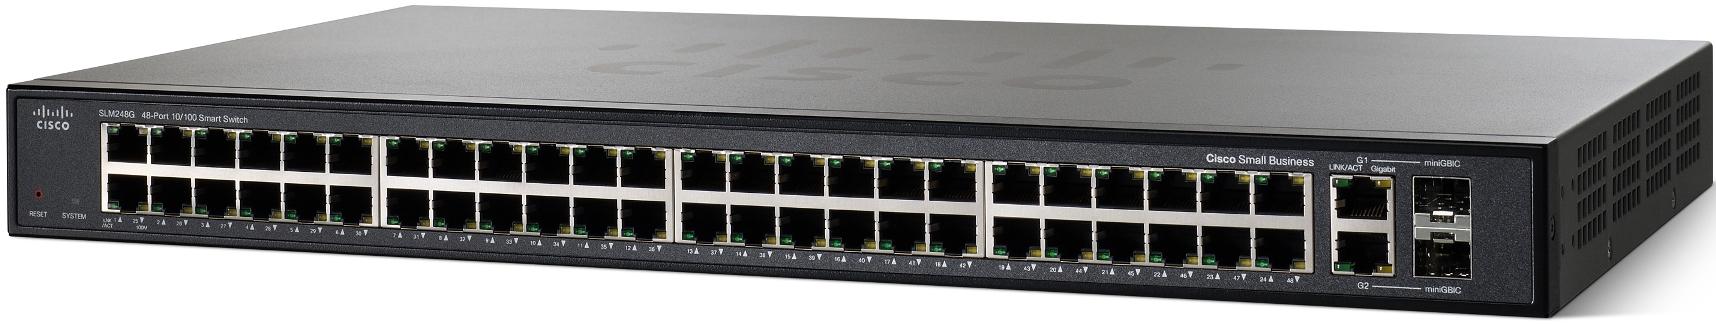 Cisco SF200-48, 48x10/100, Smart, SLM248GT-EU